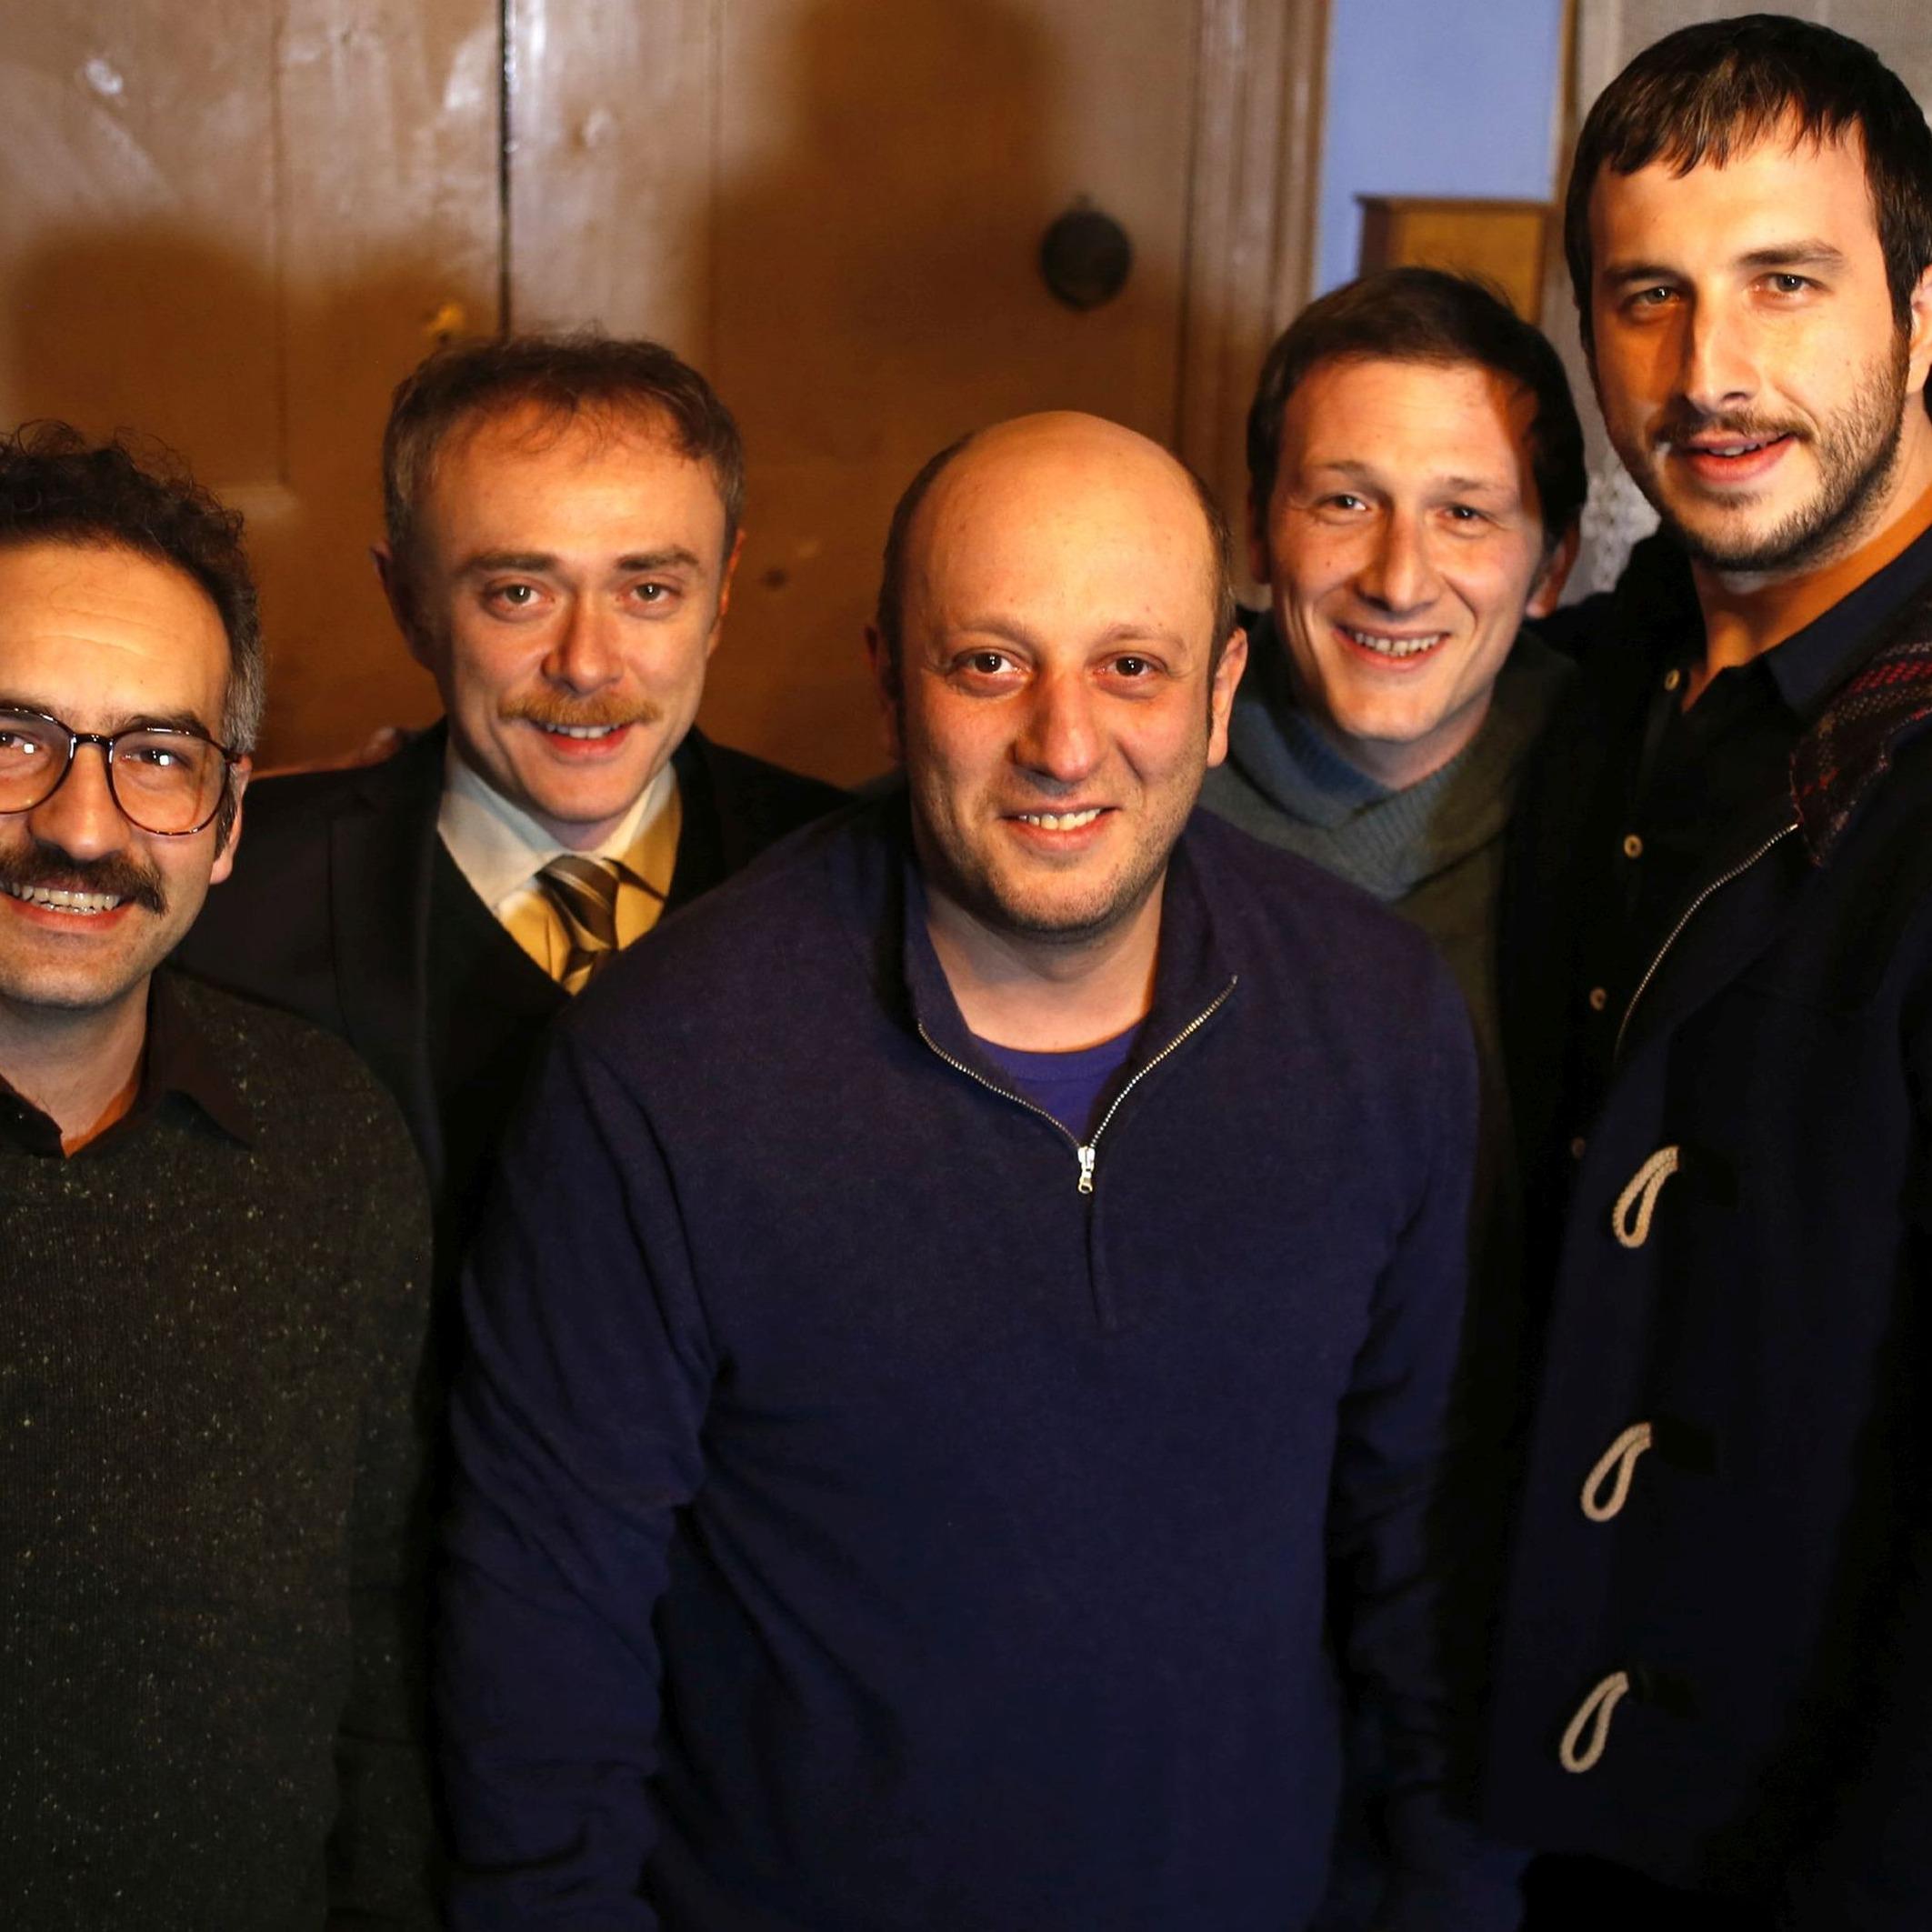 Beş Kardeş izleyicilerden fotoğraf bekliyor!